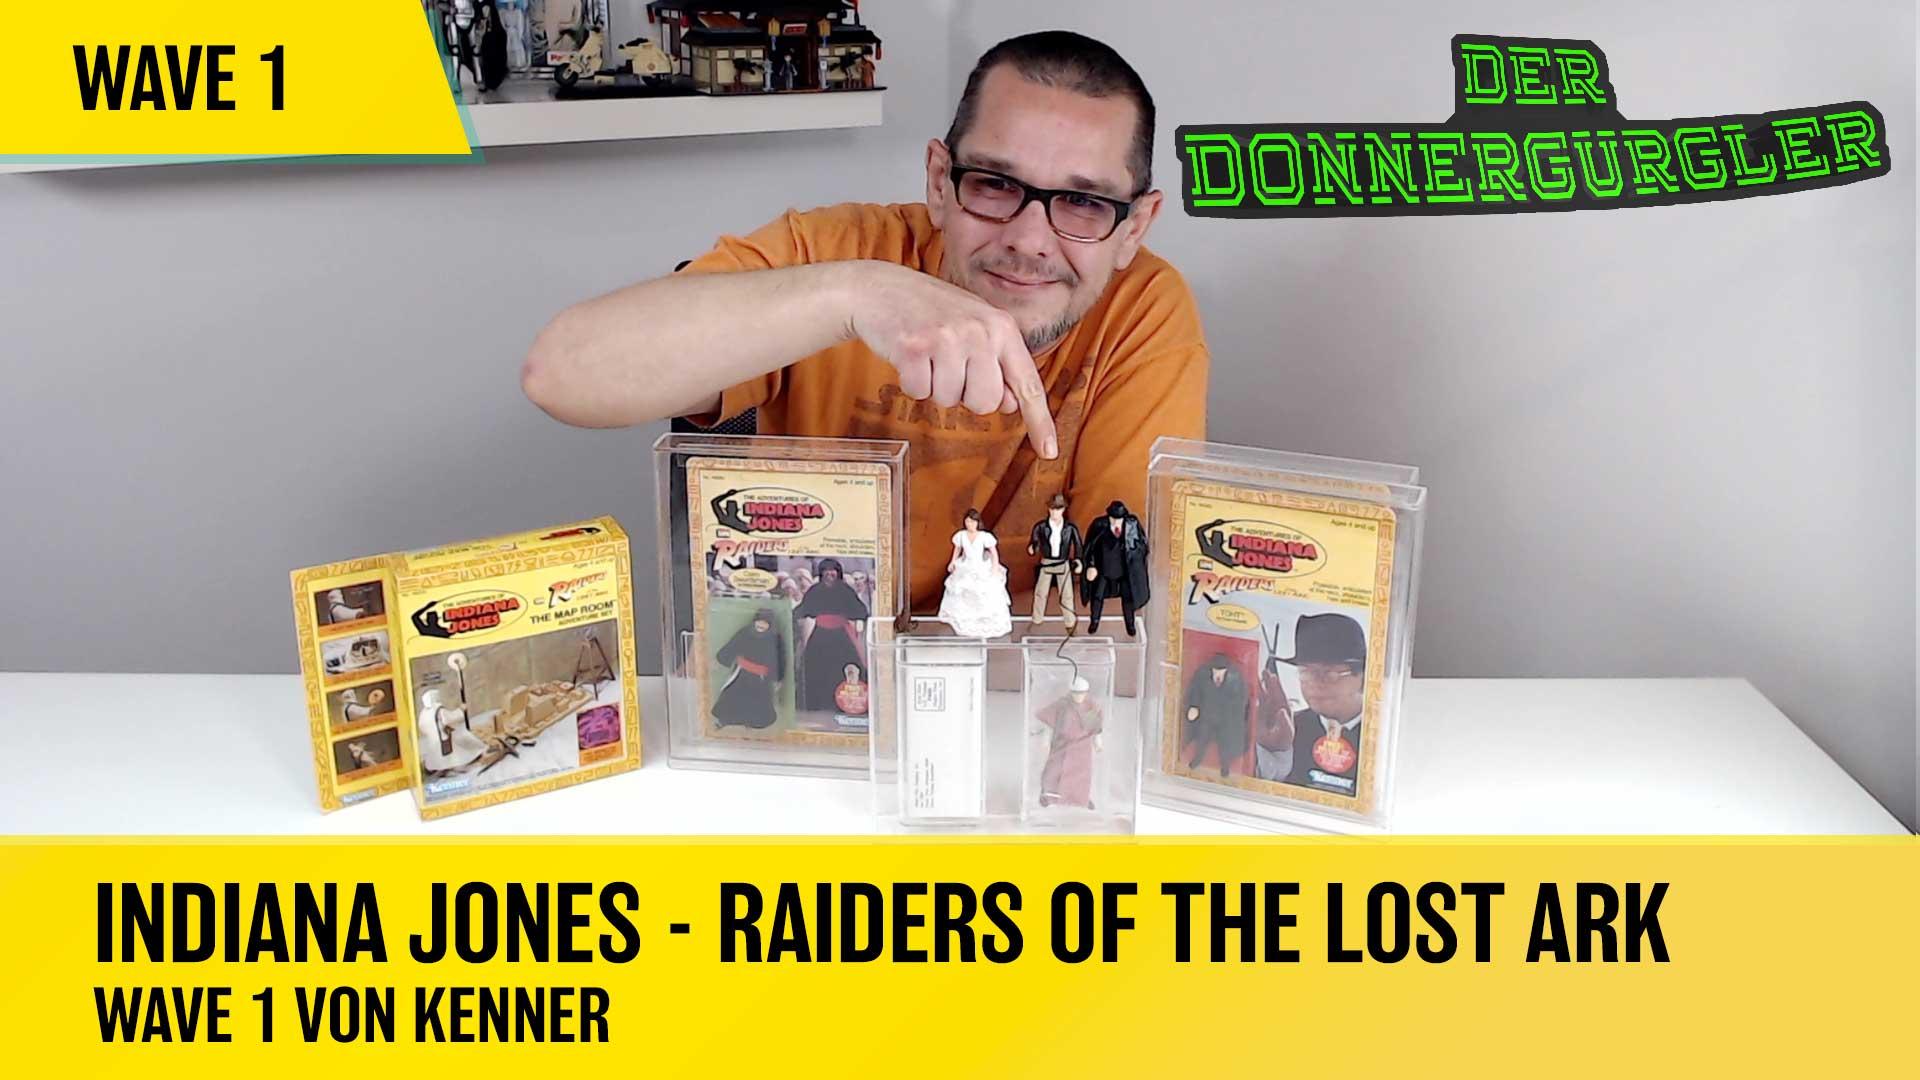 Indiana Jones  - Raiders of the Lost Ark  Wave 1 von KENNER aus dem Jahr 1981